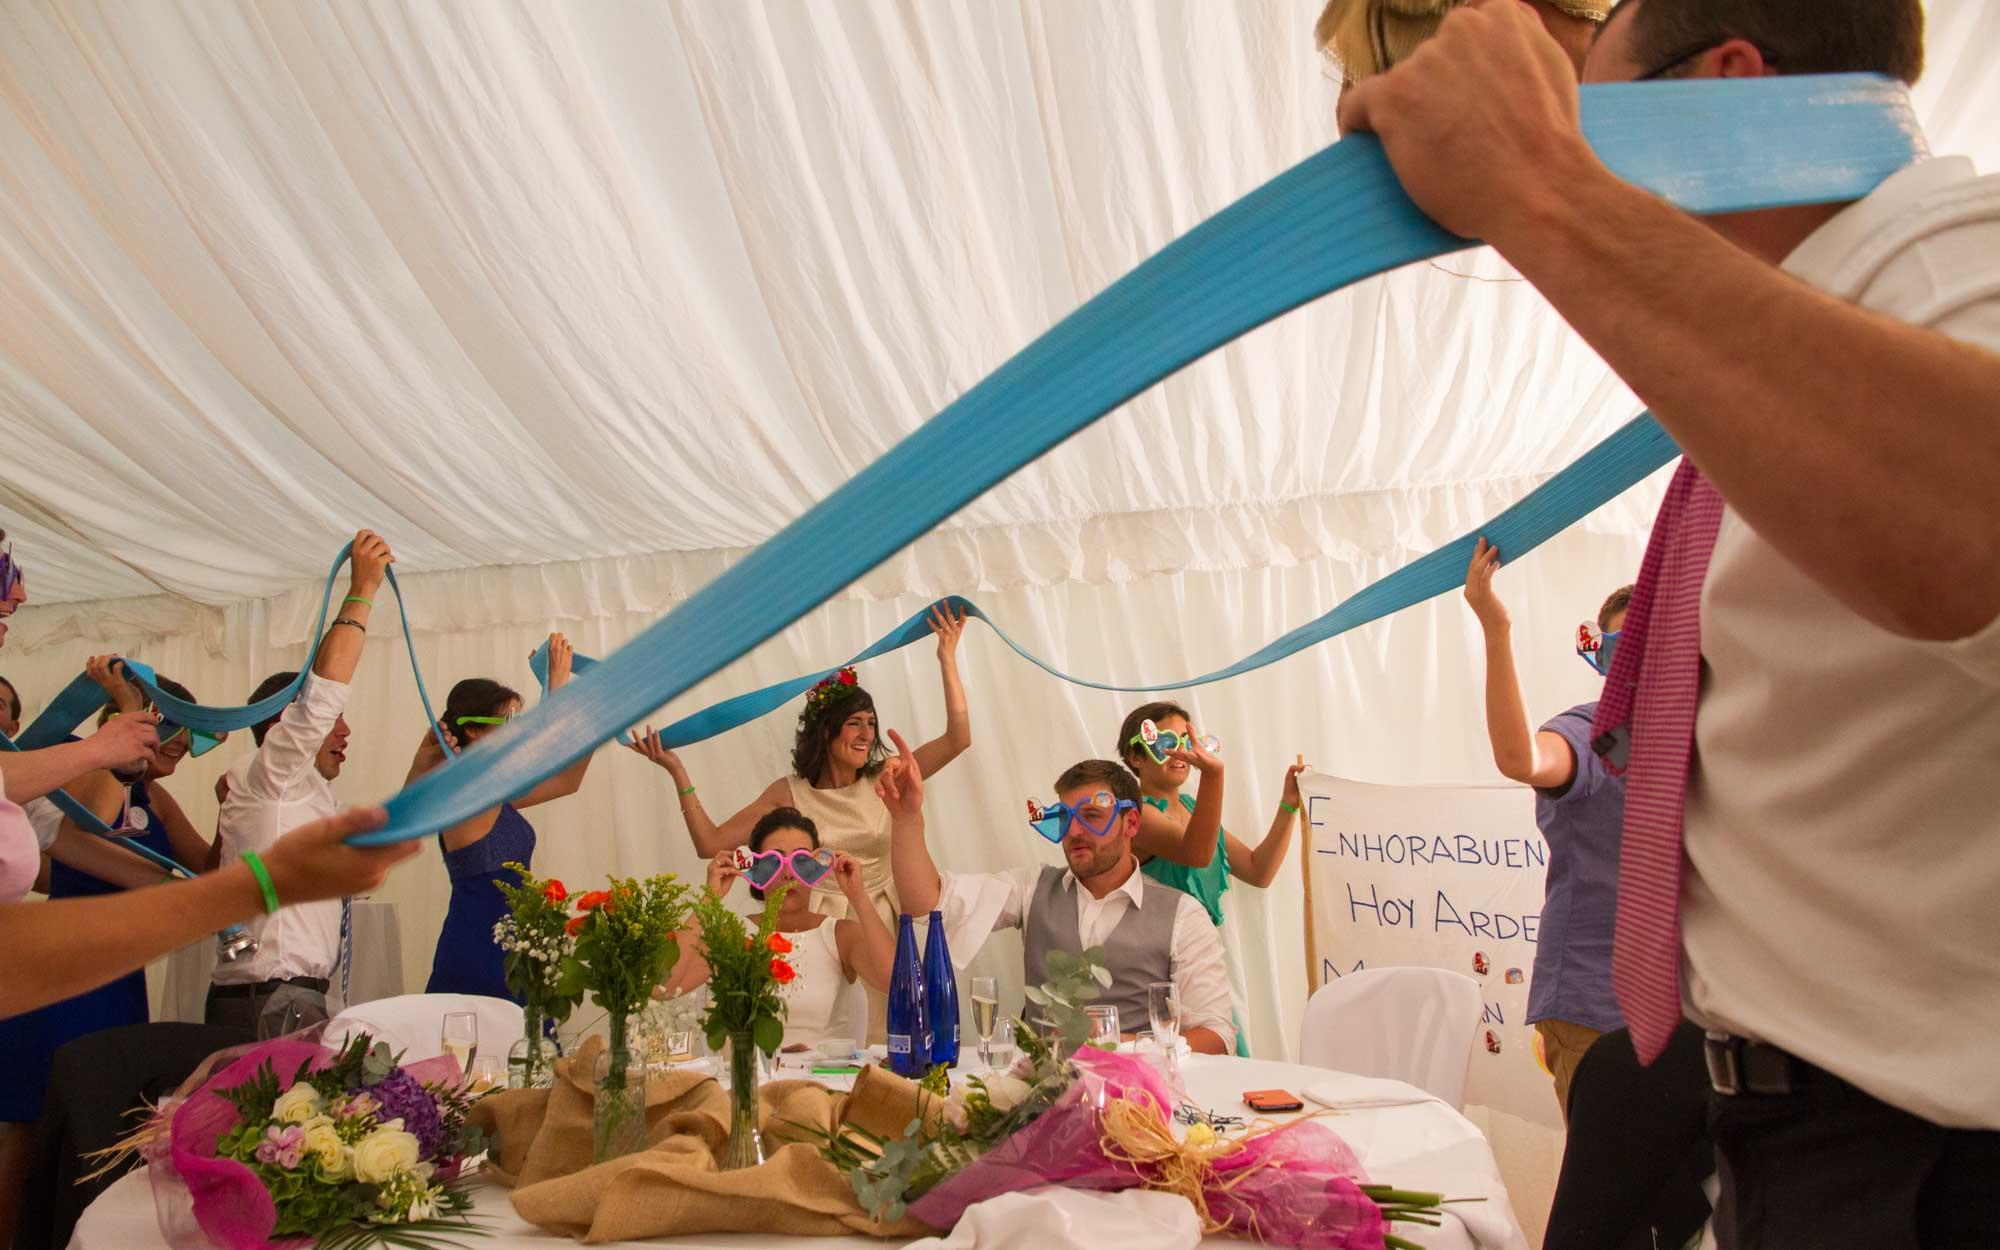 fotógrafos de boda en Valencia-ConOtroEnfoque_L+S_1815_iw_ConOtroEnfoque